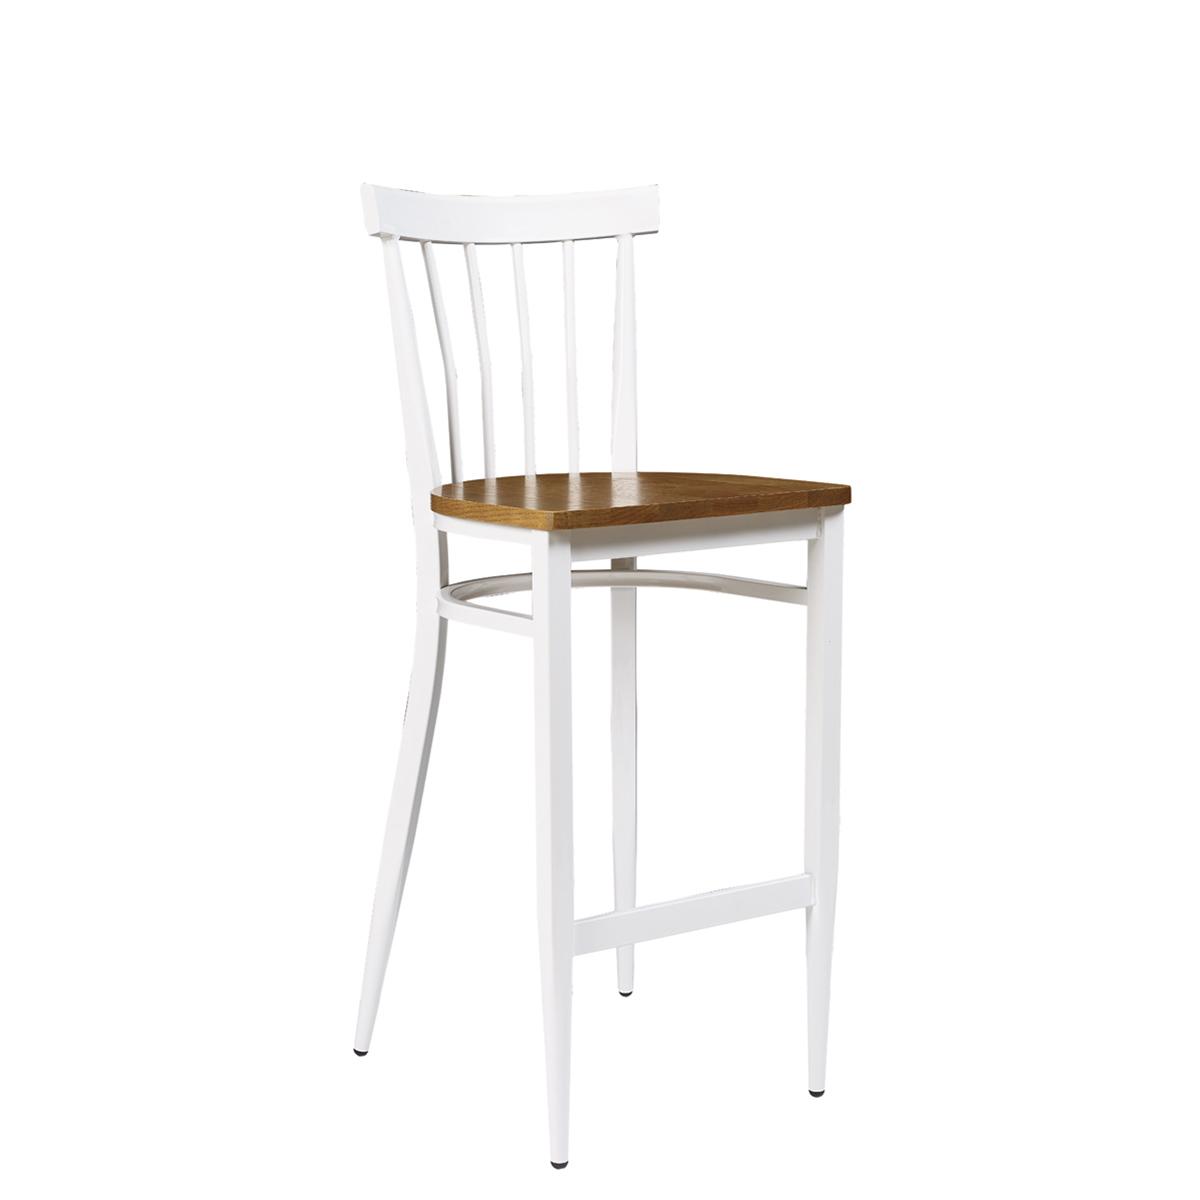 banqueta baltimore pintada blanco con asiento macizo